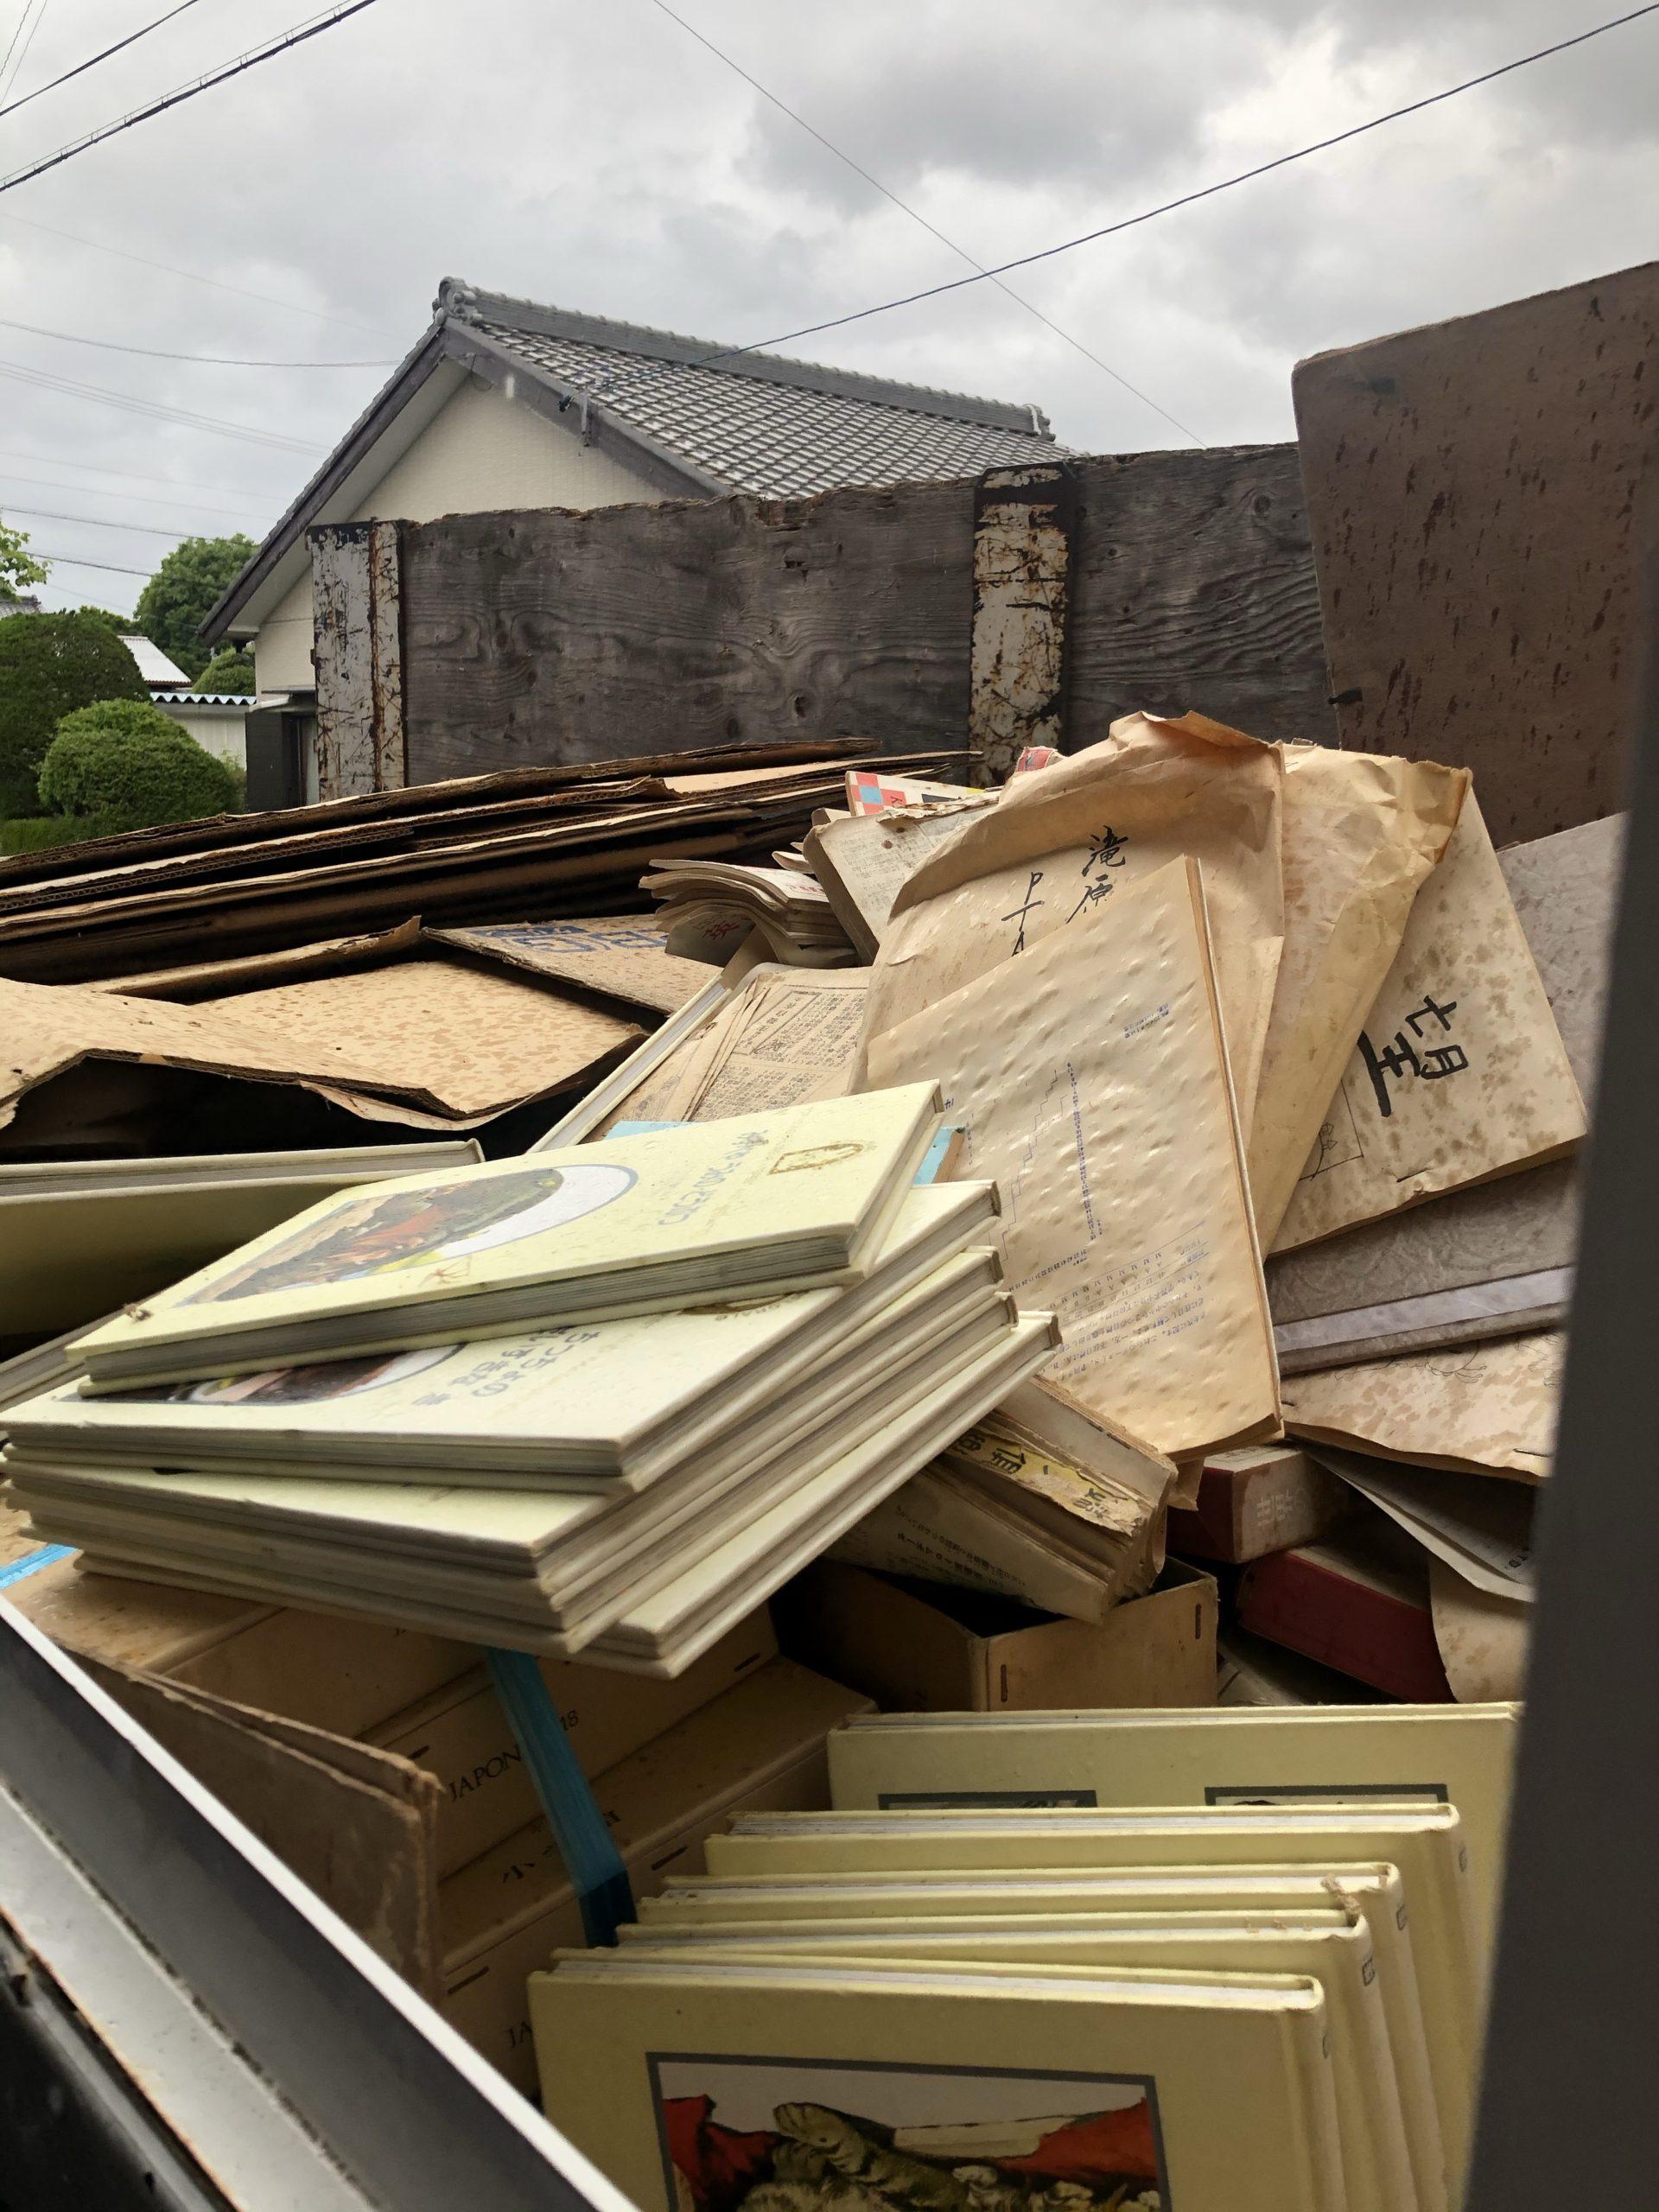 津市や伊勢市で不用品回収や処分のご相談。家屋解体工事の見積り業者なら株式会社kousui